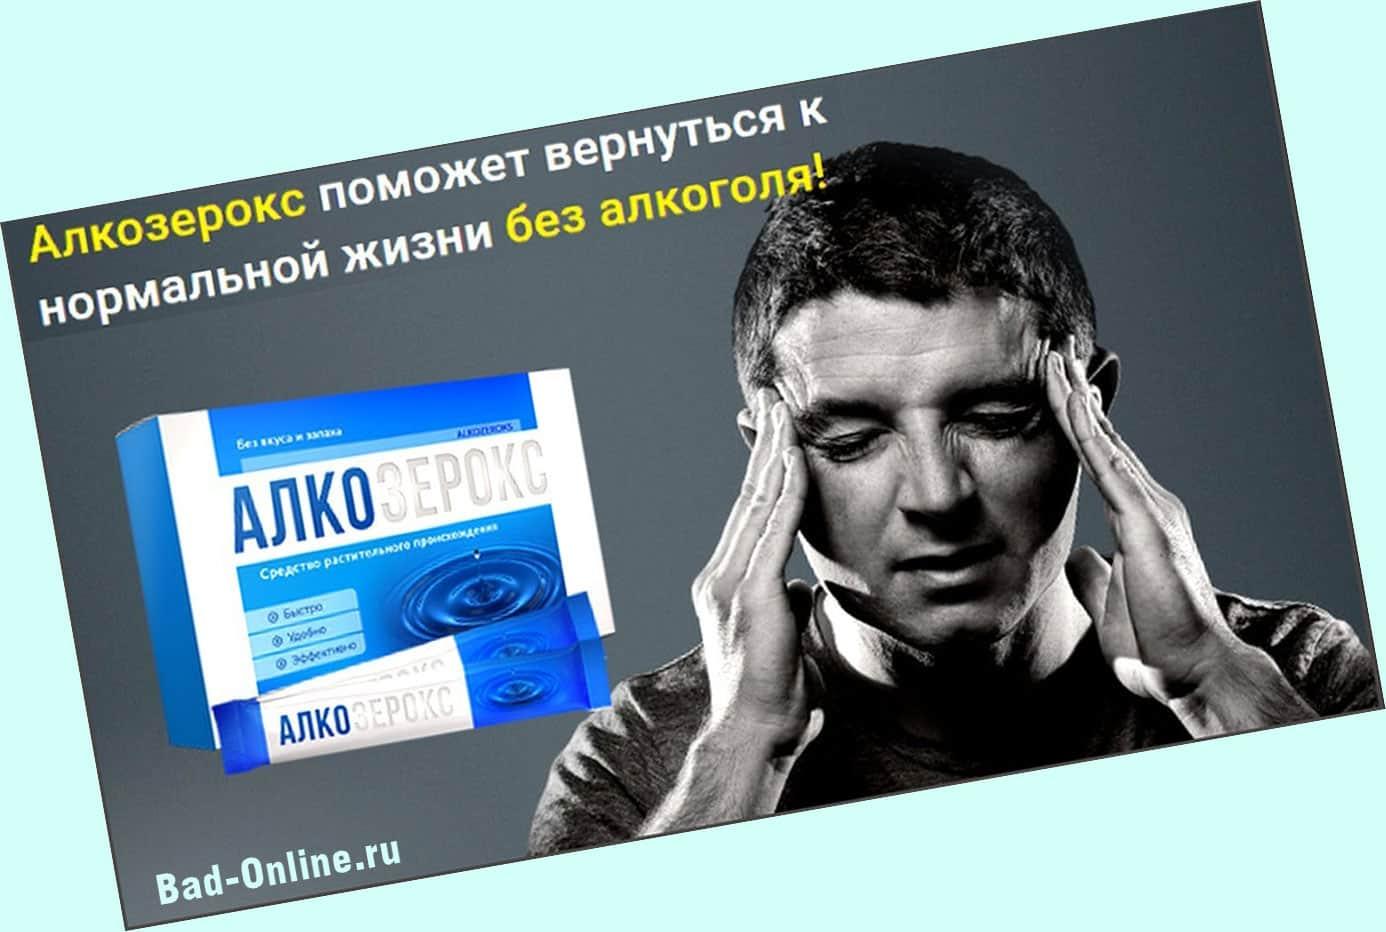 Алкозерокс от алкоголизма: отзыв врача, инструкция по применению, цена